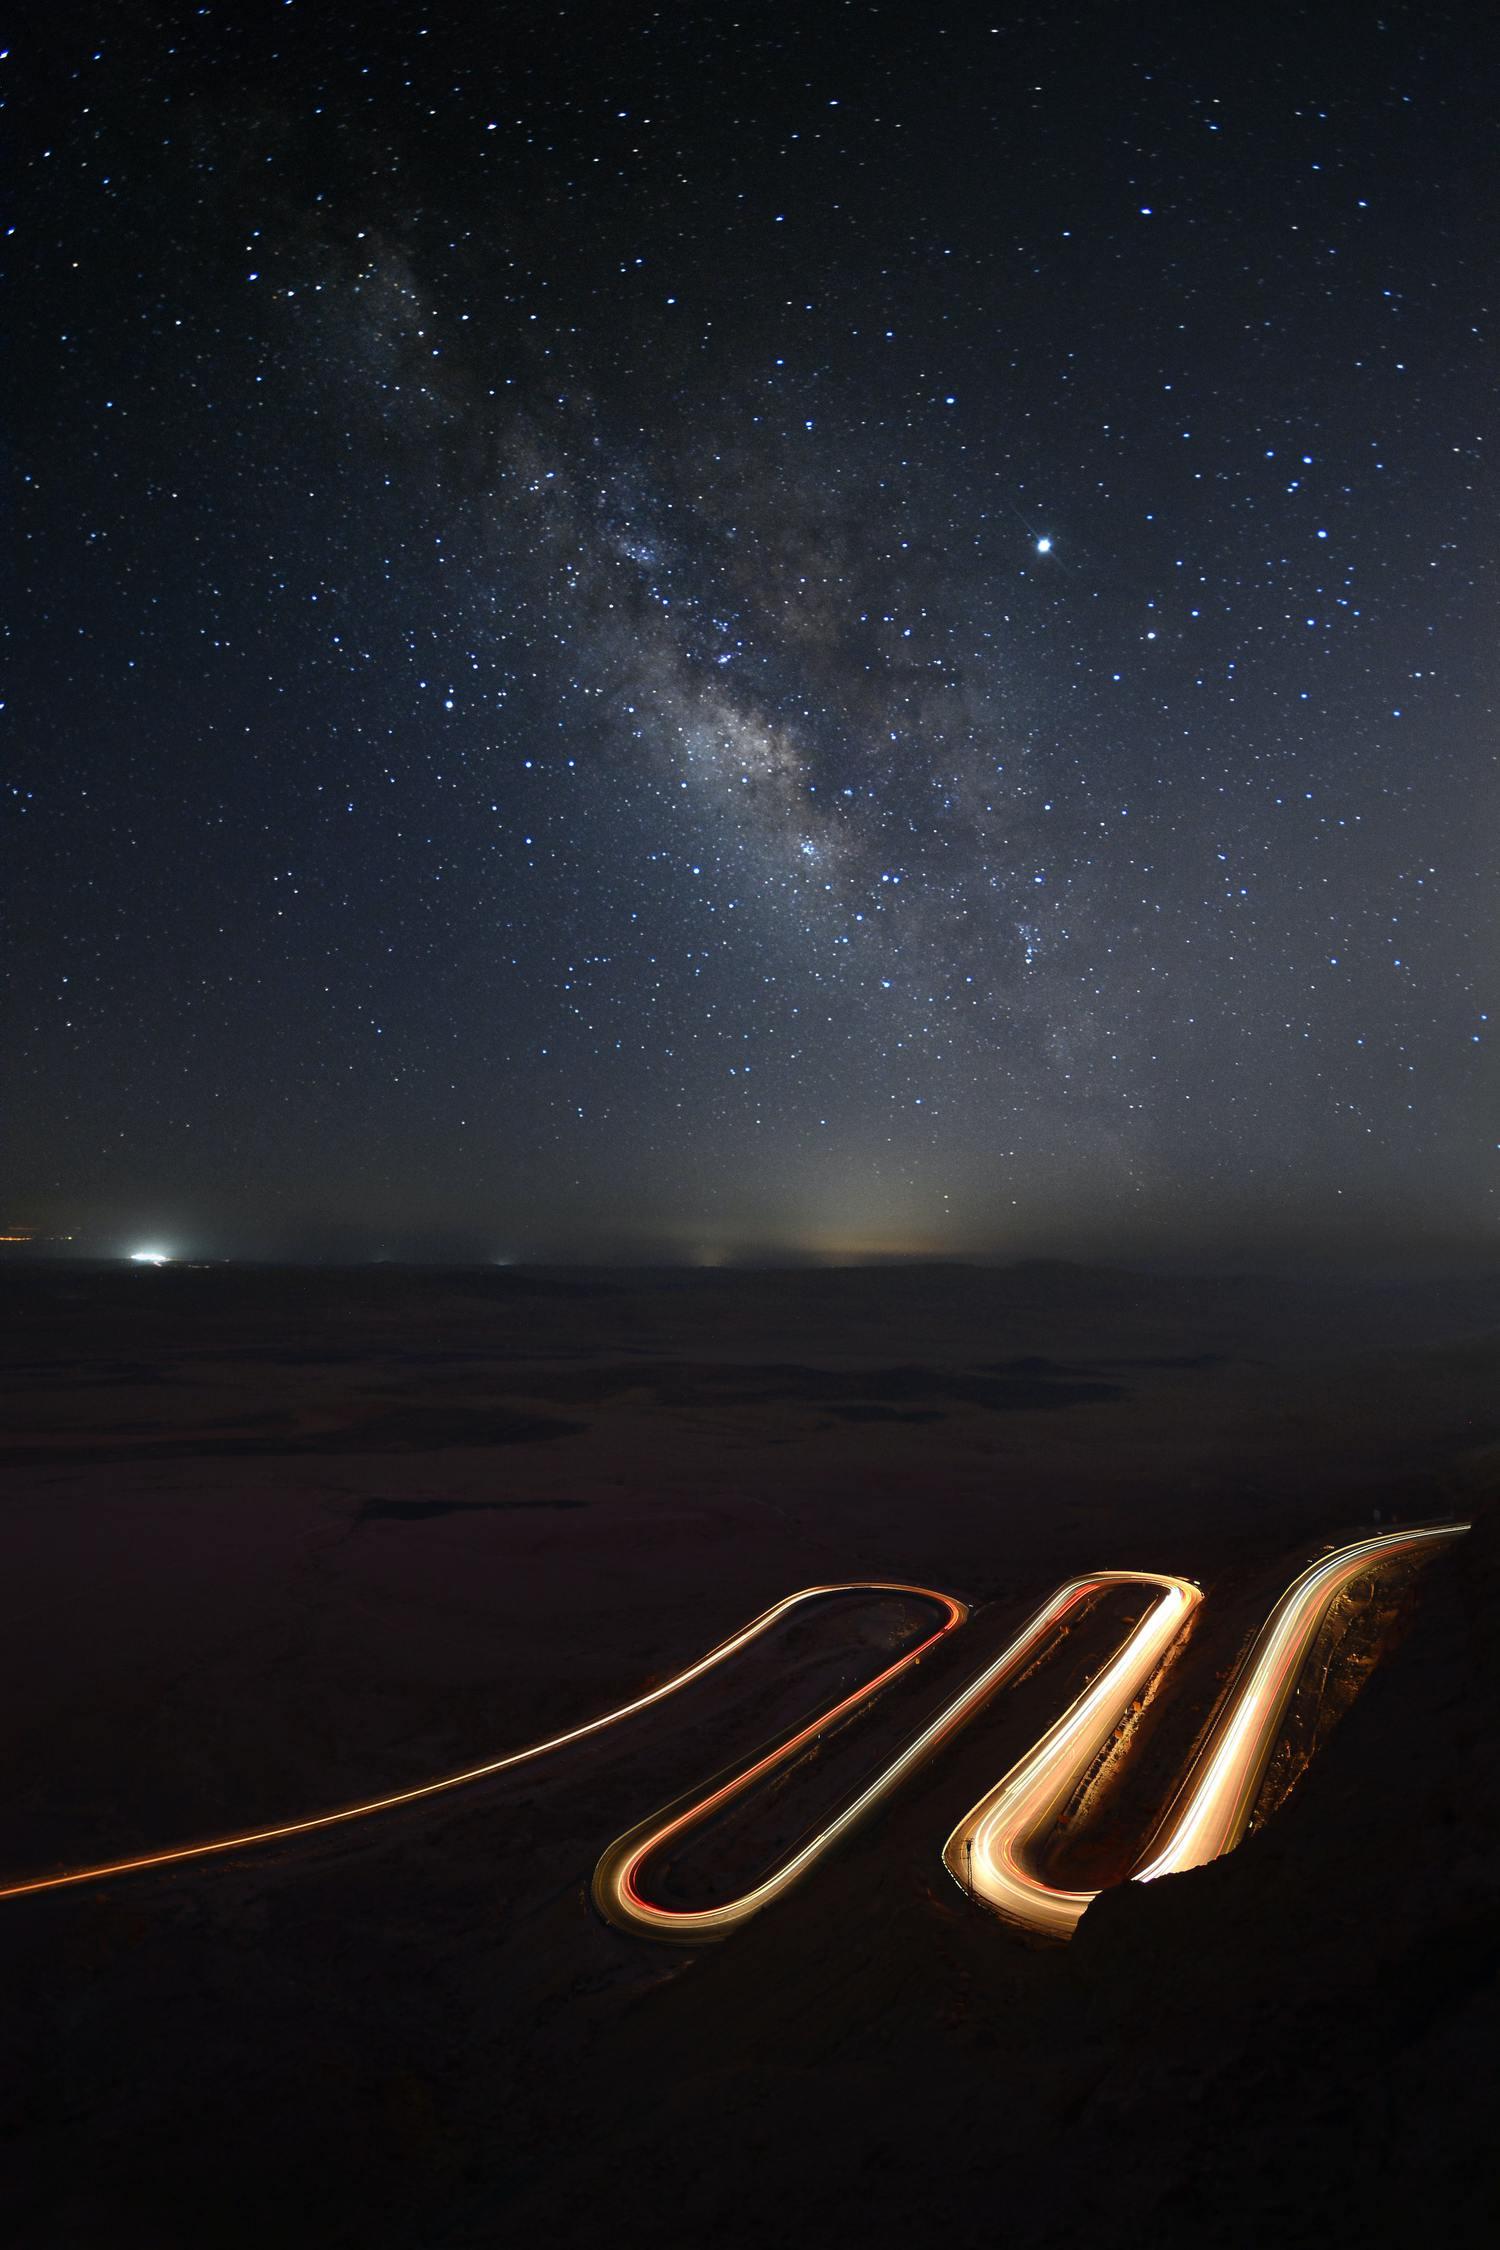 Foto de estelas del luz de coches con estrellas en el cielo